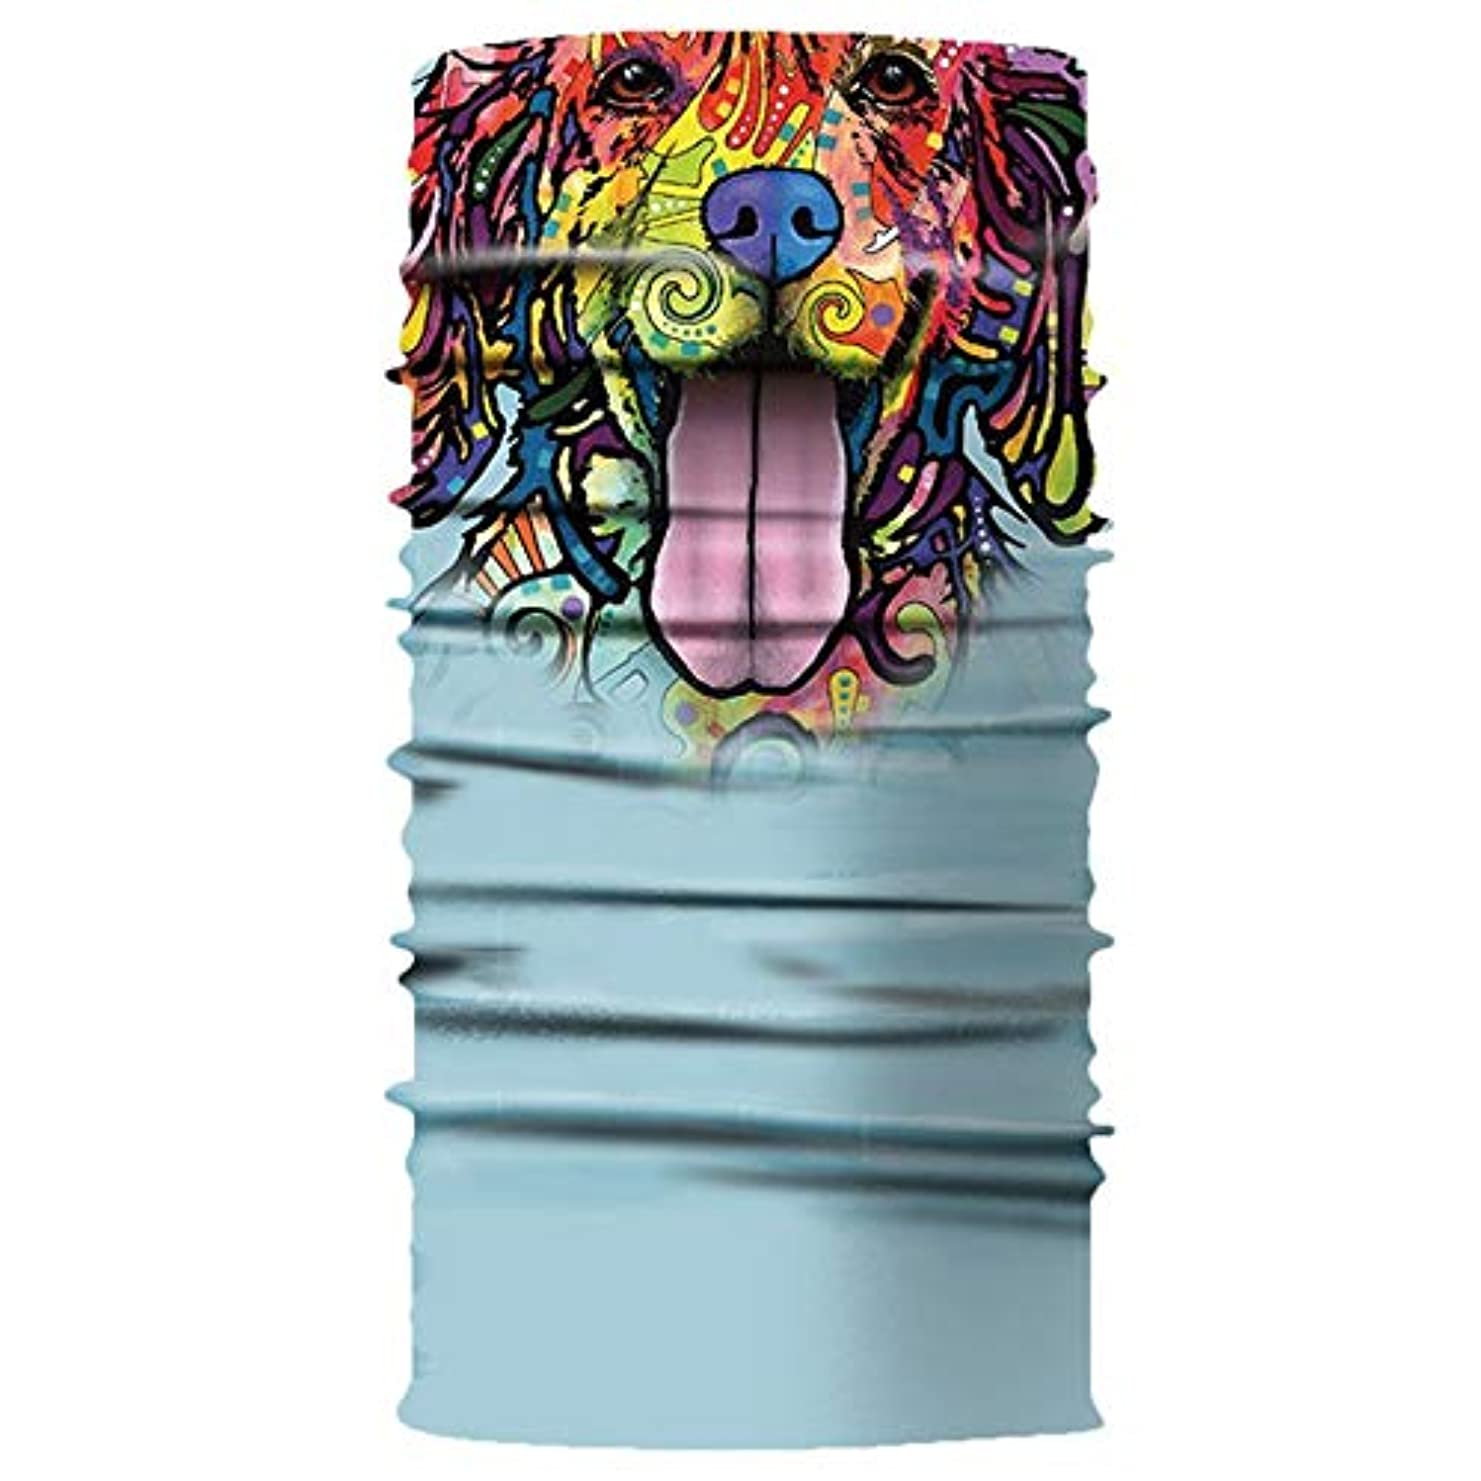 助けになるバルセロナリードSemoic 3D魔法タオルデジタル印刷日焼け止めライディングカラー魔法ヘッドスカーフ(AC 029)